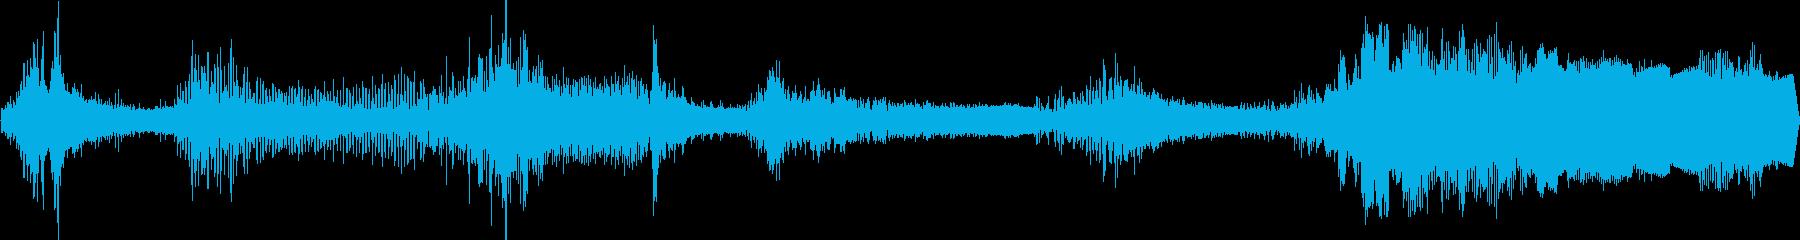 ゆっくり動く遅延を伴う振戦Tre音効果の再生済みの波形